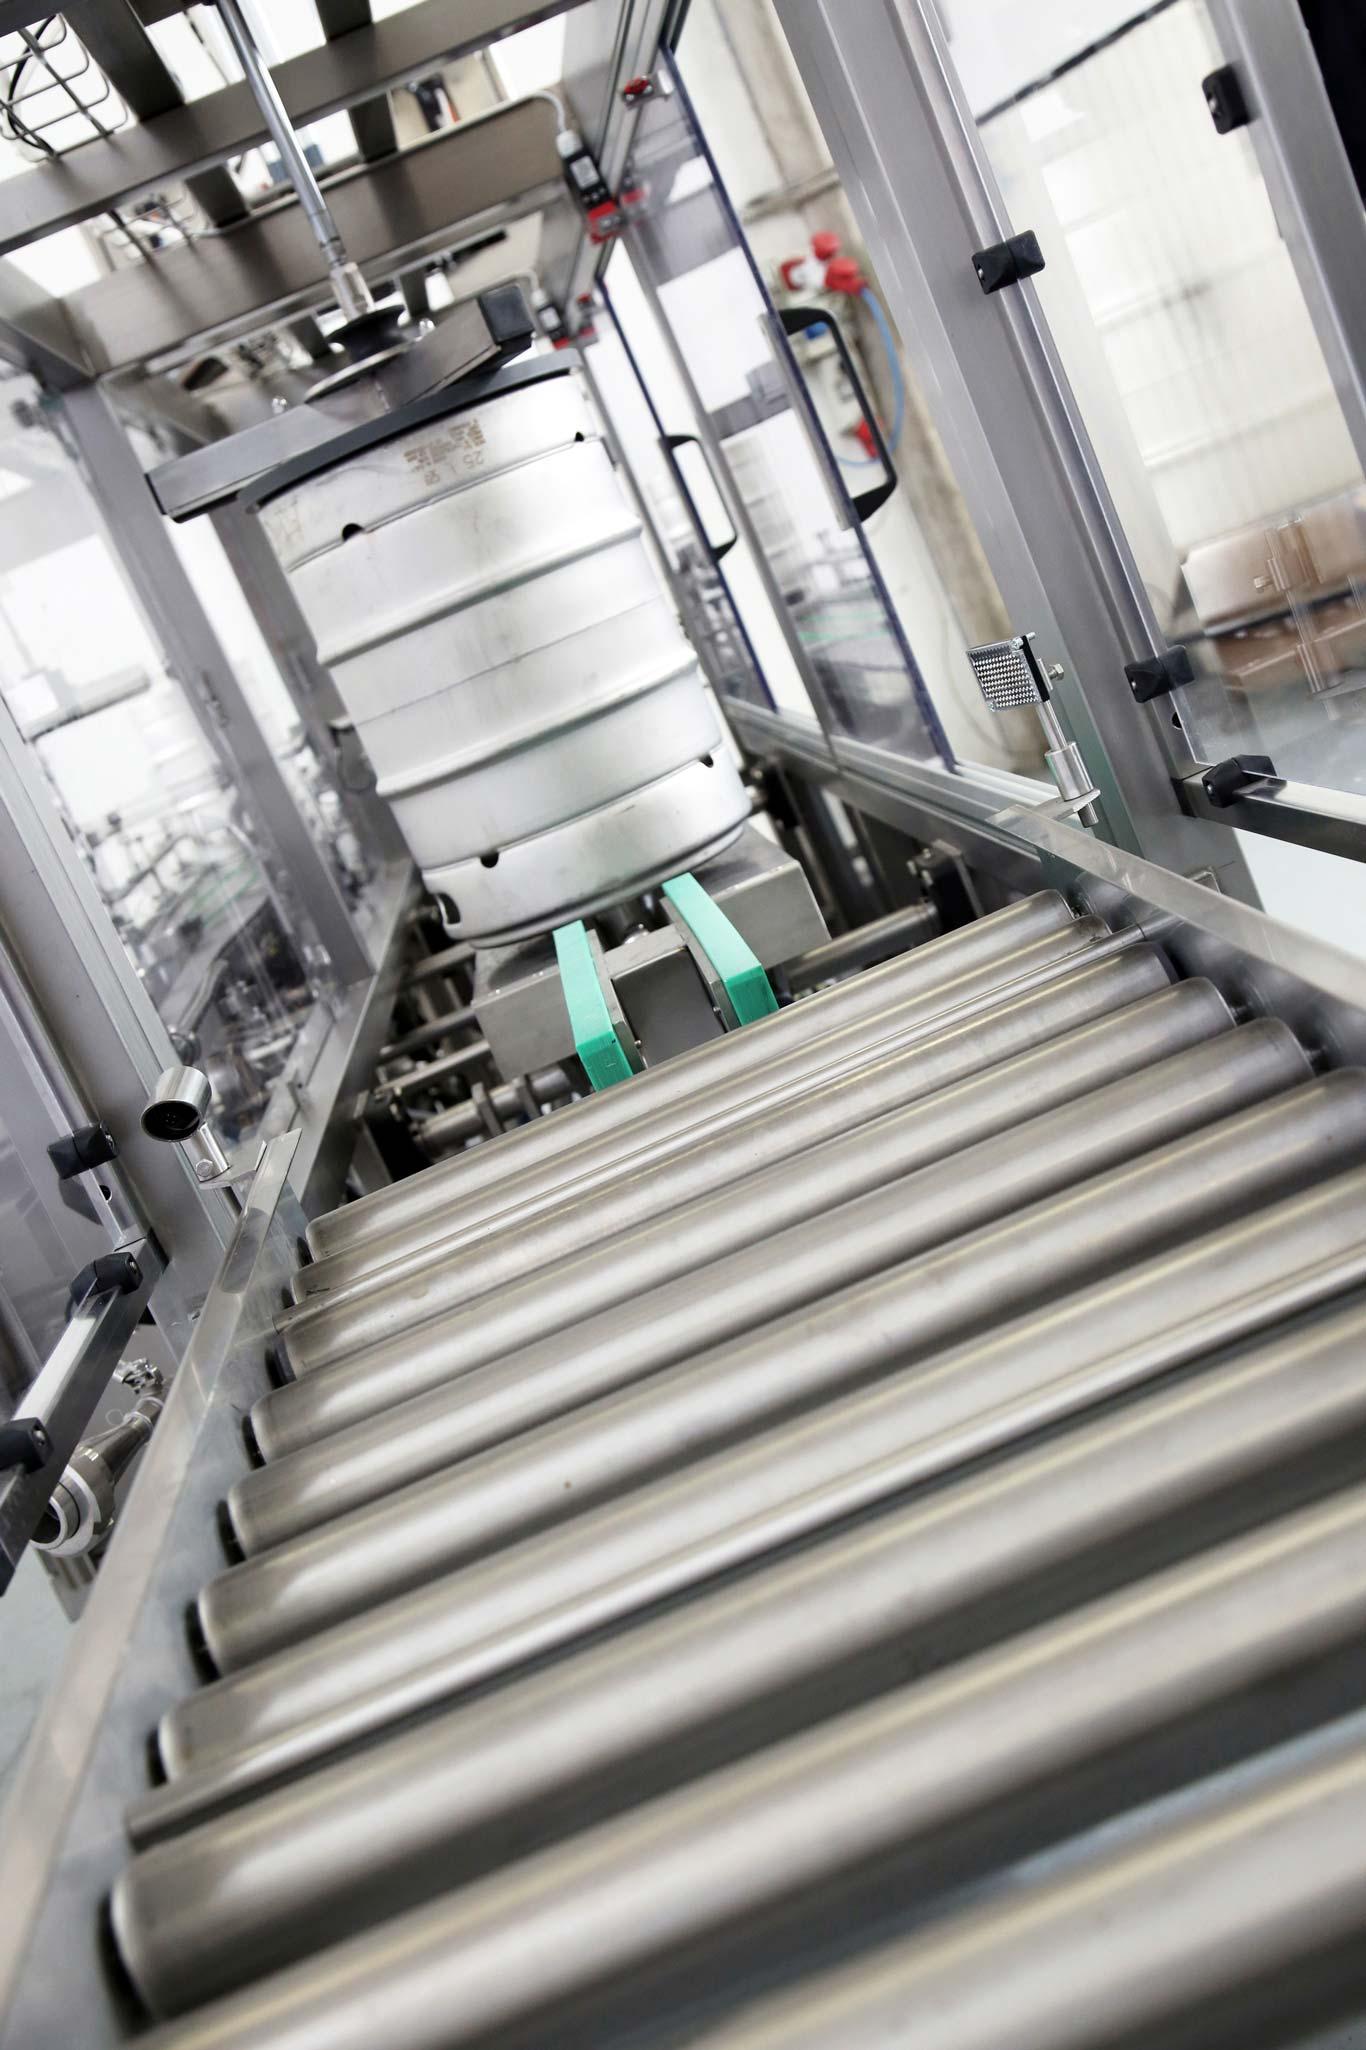 b-r-a-modular-keg-lines--a-look-inside